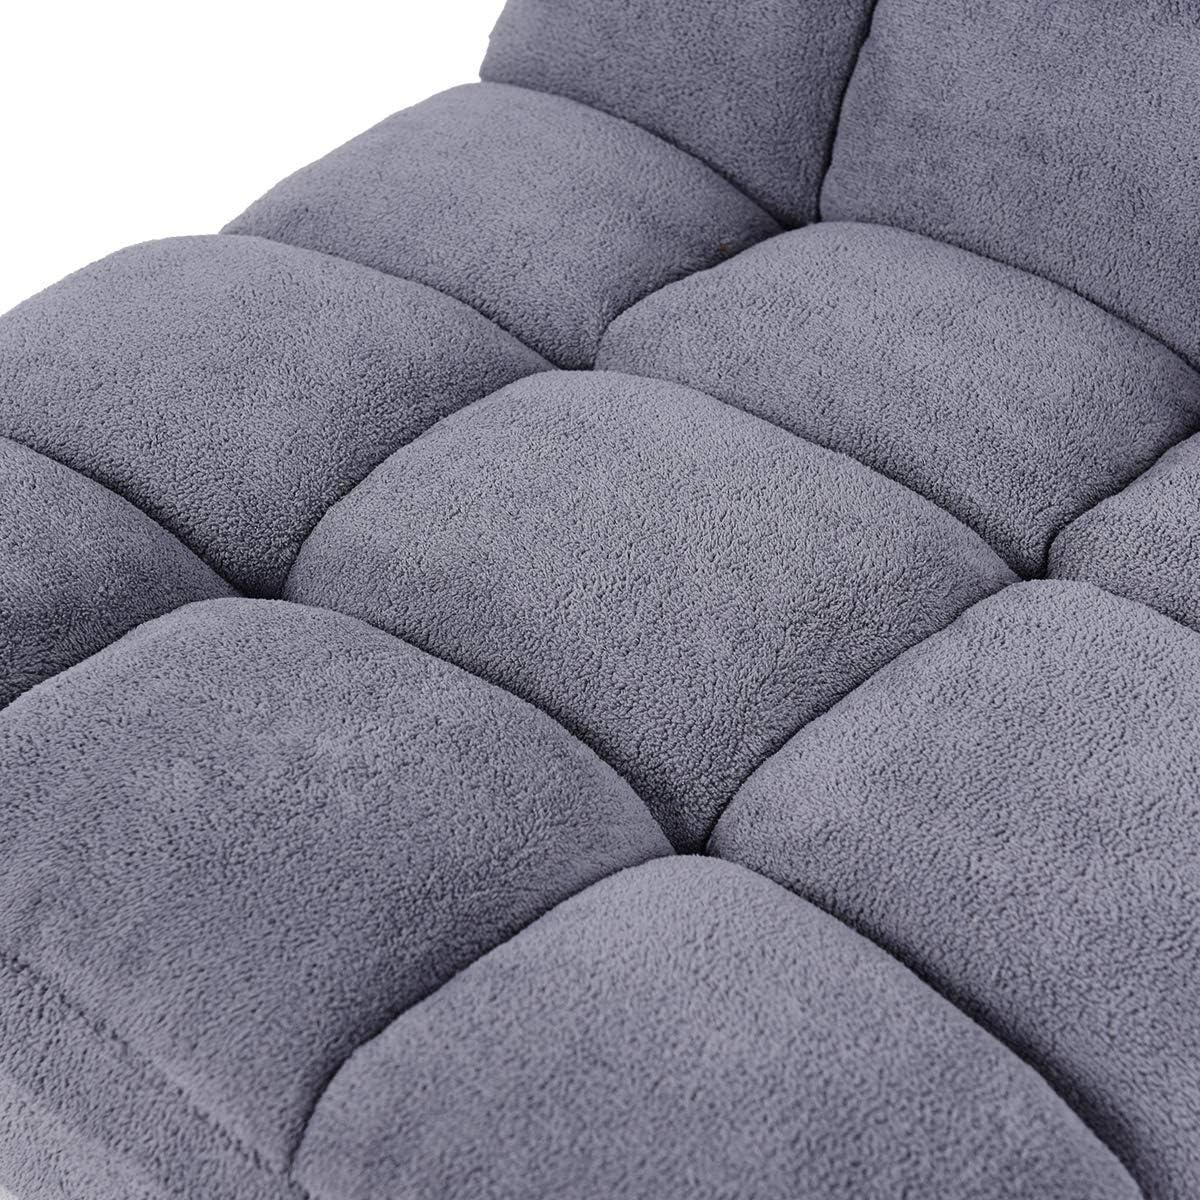 Faules Sofa Bodensessel faltbar Meditationsstuhl Sitzsack Sofa Bodenkissen Sitzmatte mit R/ückenlehne Grau Sitzkissen f/ür Innenraum DREAMADE Bodenstuhl 14-stufig verstellbar